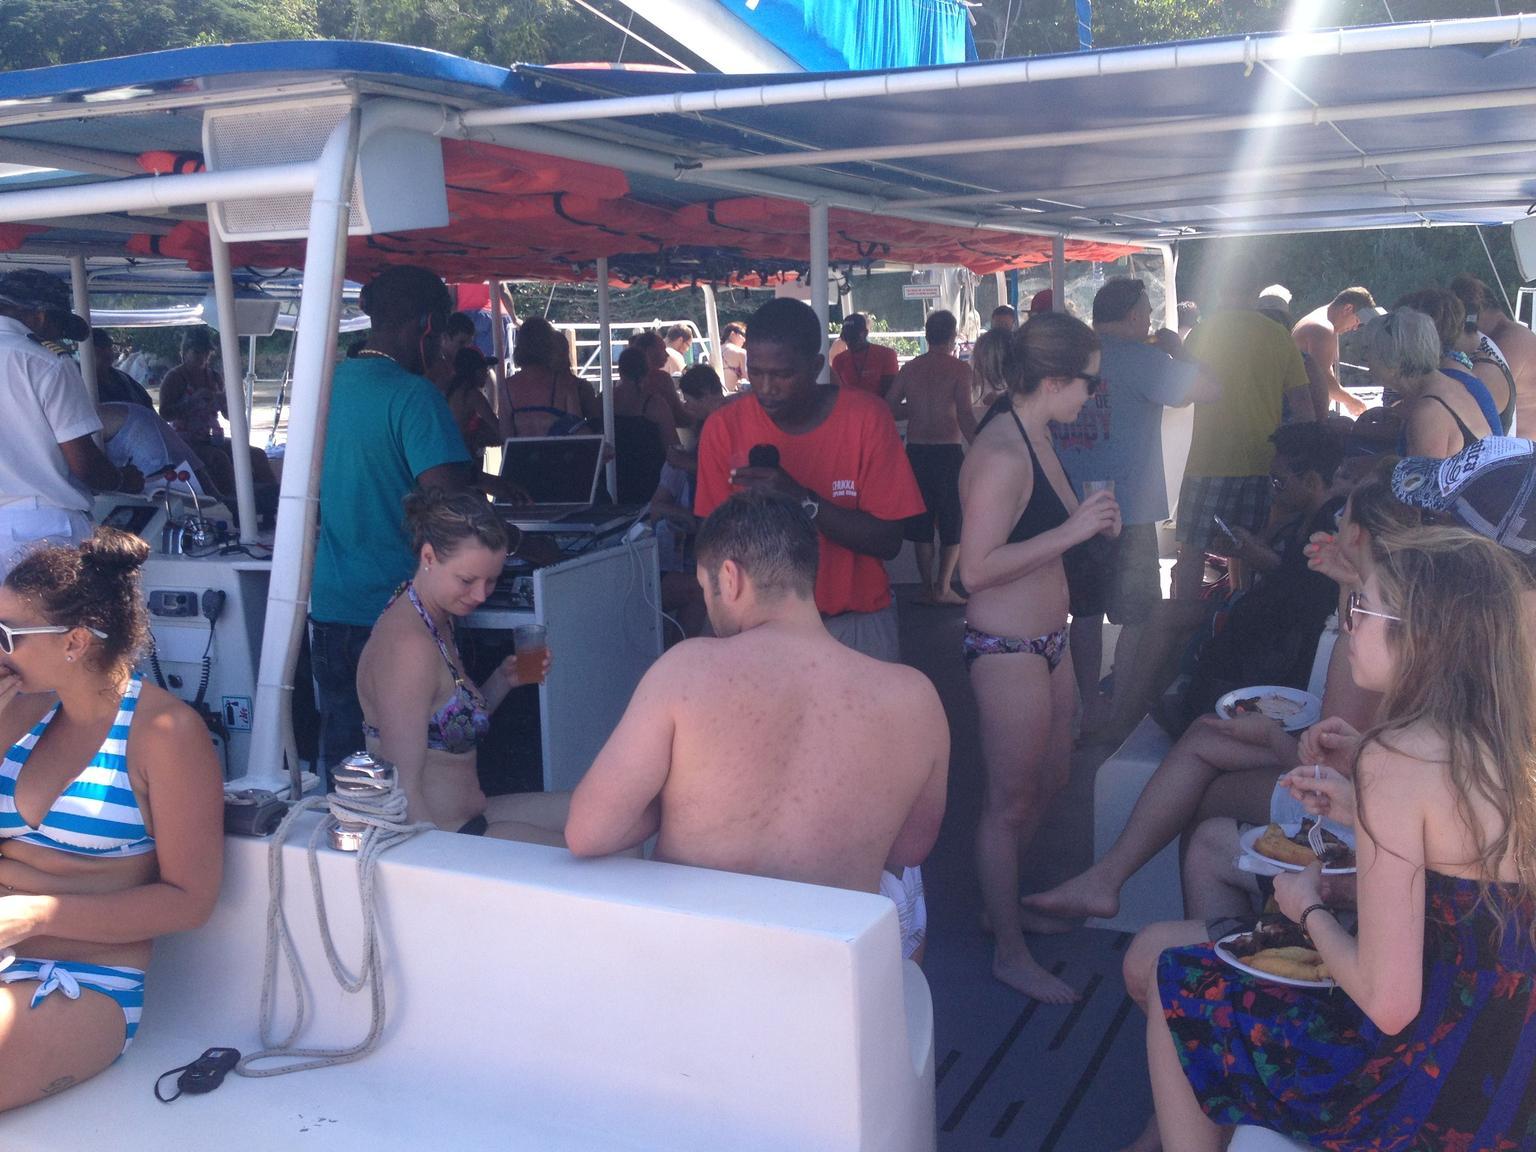 MAIS FOTOS, Cruzeiro de Catamarã em Chukka para as Cataratas do Rio Dunn saindo de Ocho Rios ou Montego Bay